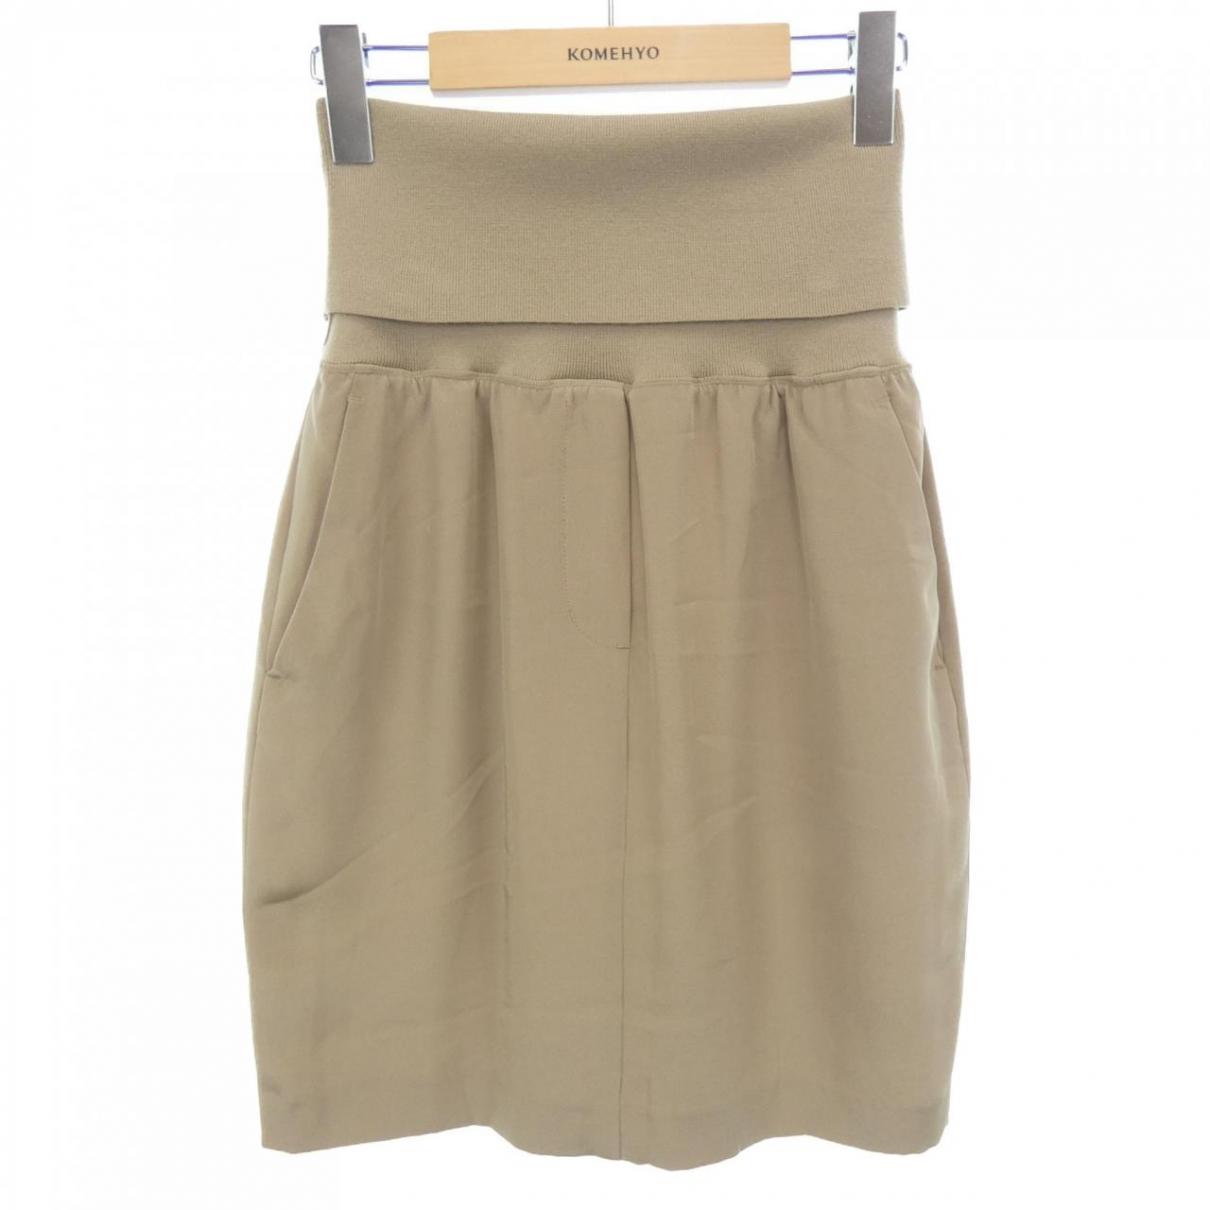 3.1 Phillip Lim \N Beige Silk skirt for Women 2 US